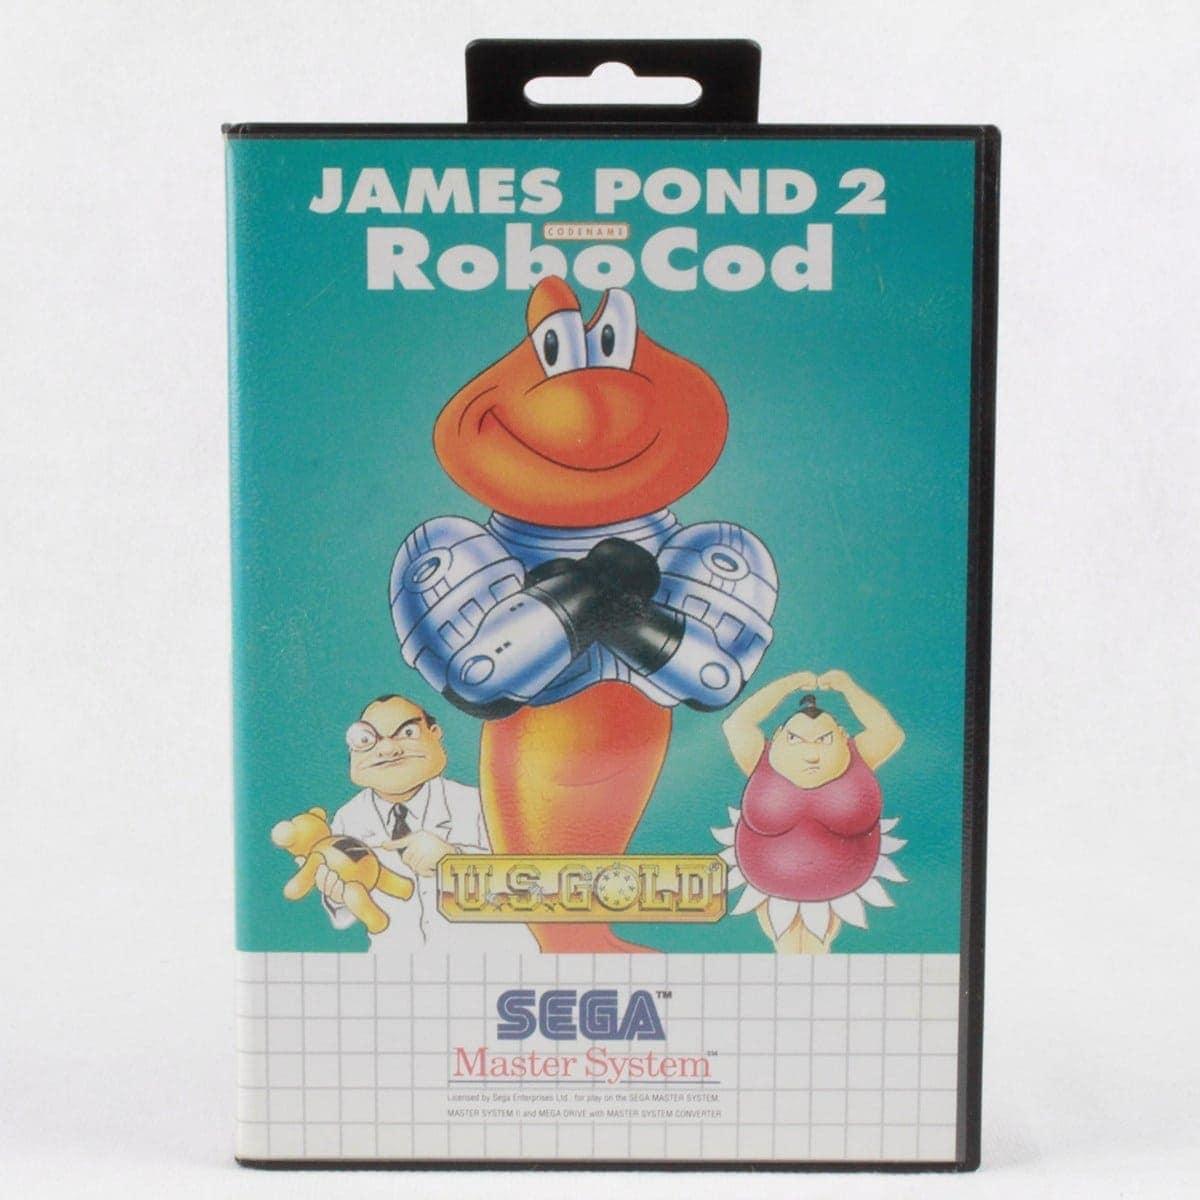 James Pond 2: Codename: RoboCod (SEGA Master System)